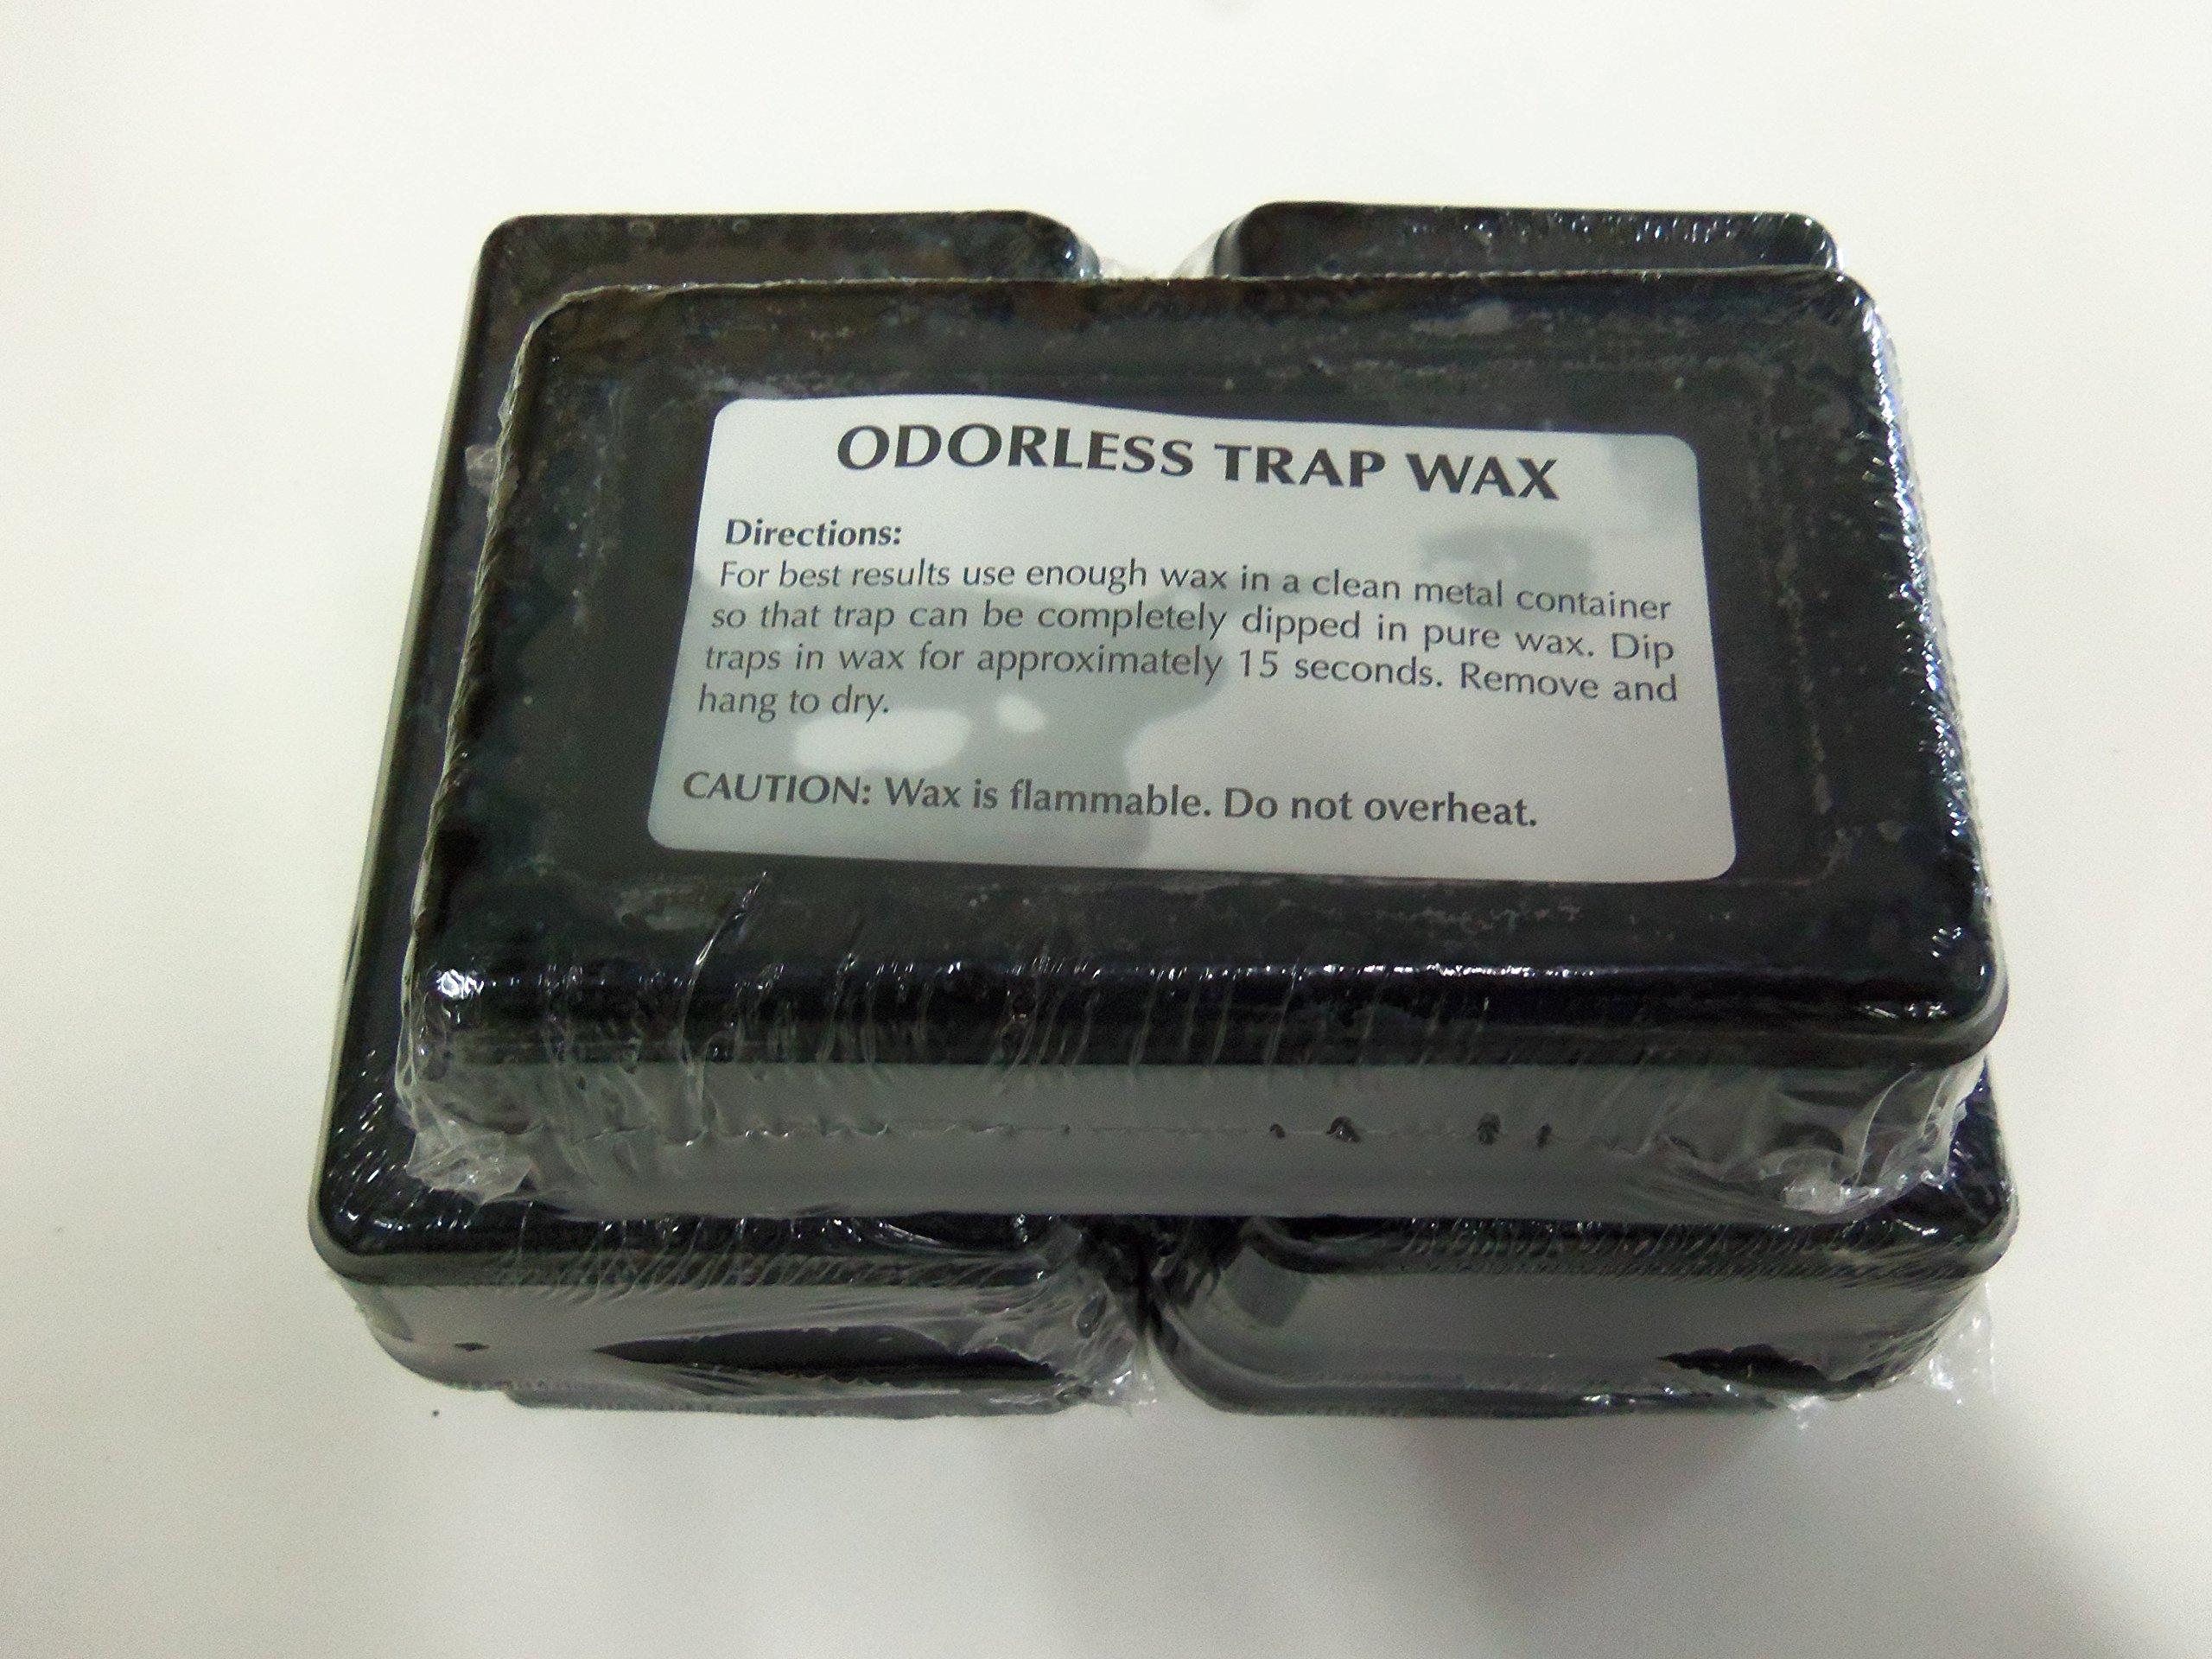 Black Trap Wax 5 Lbs. by Black Trap Wax 5 Lbs.